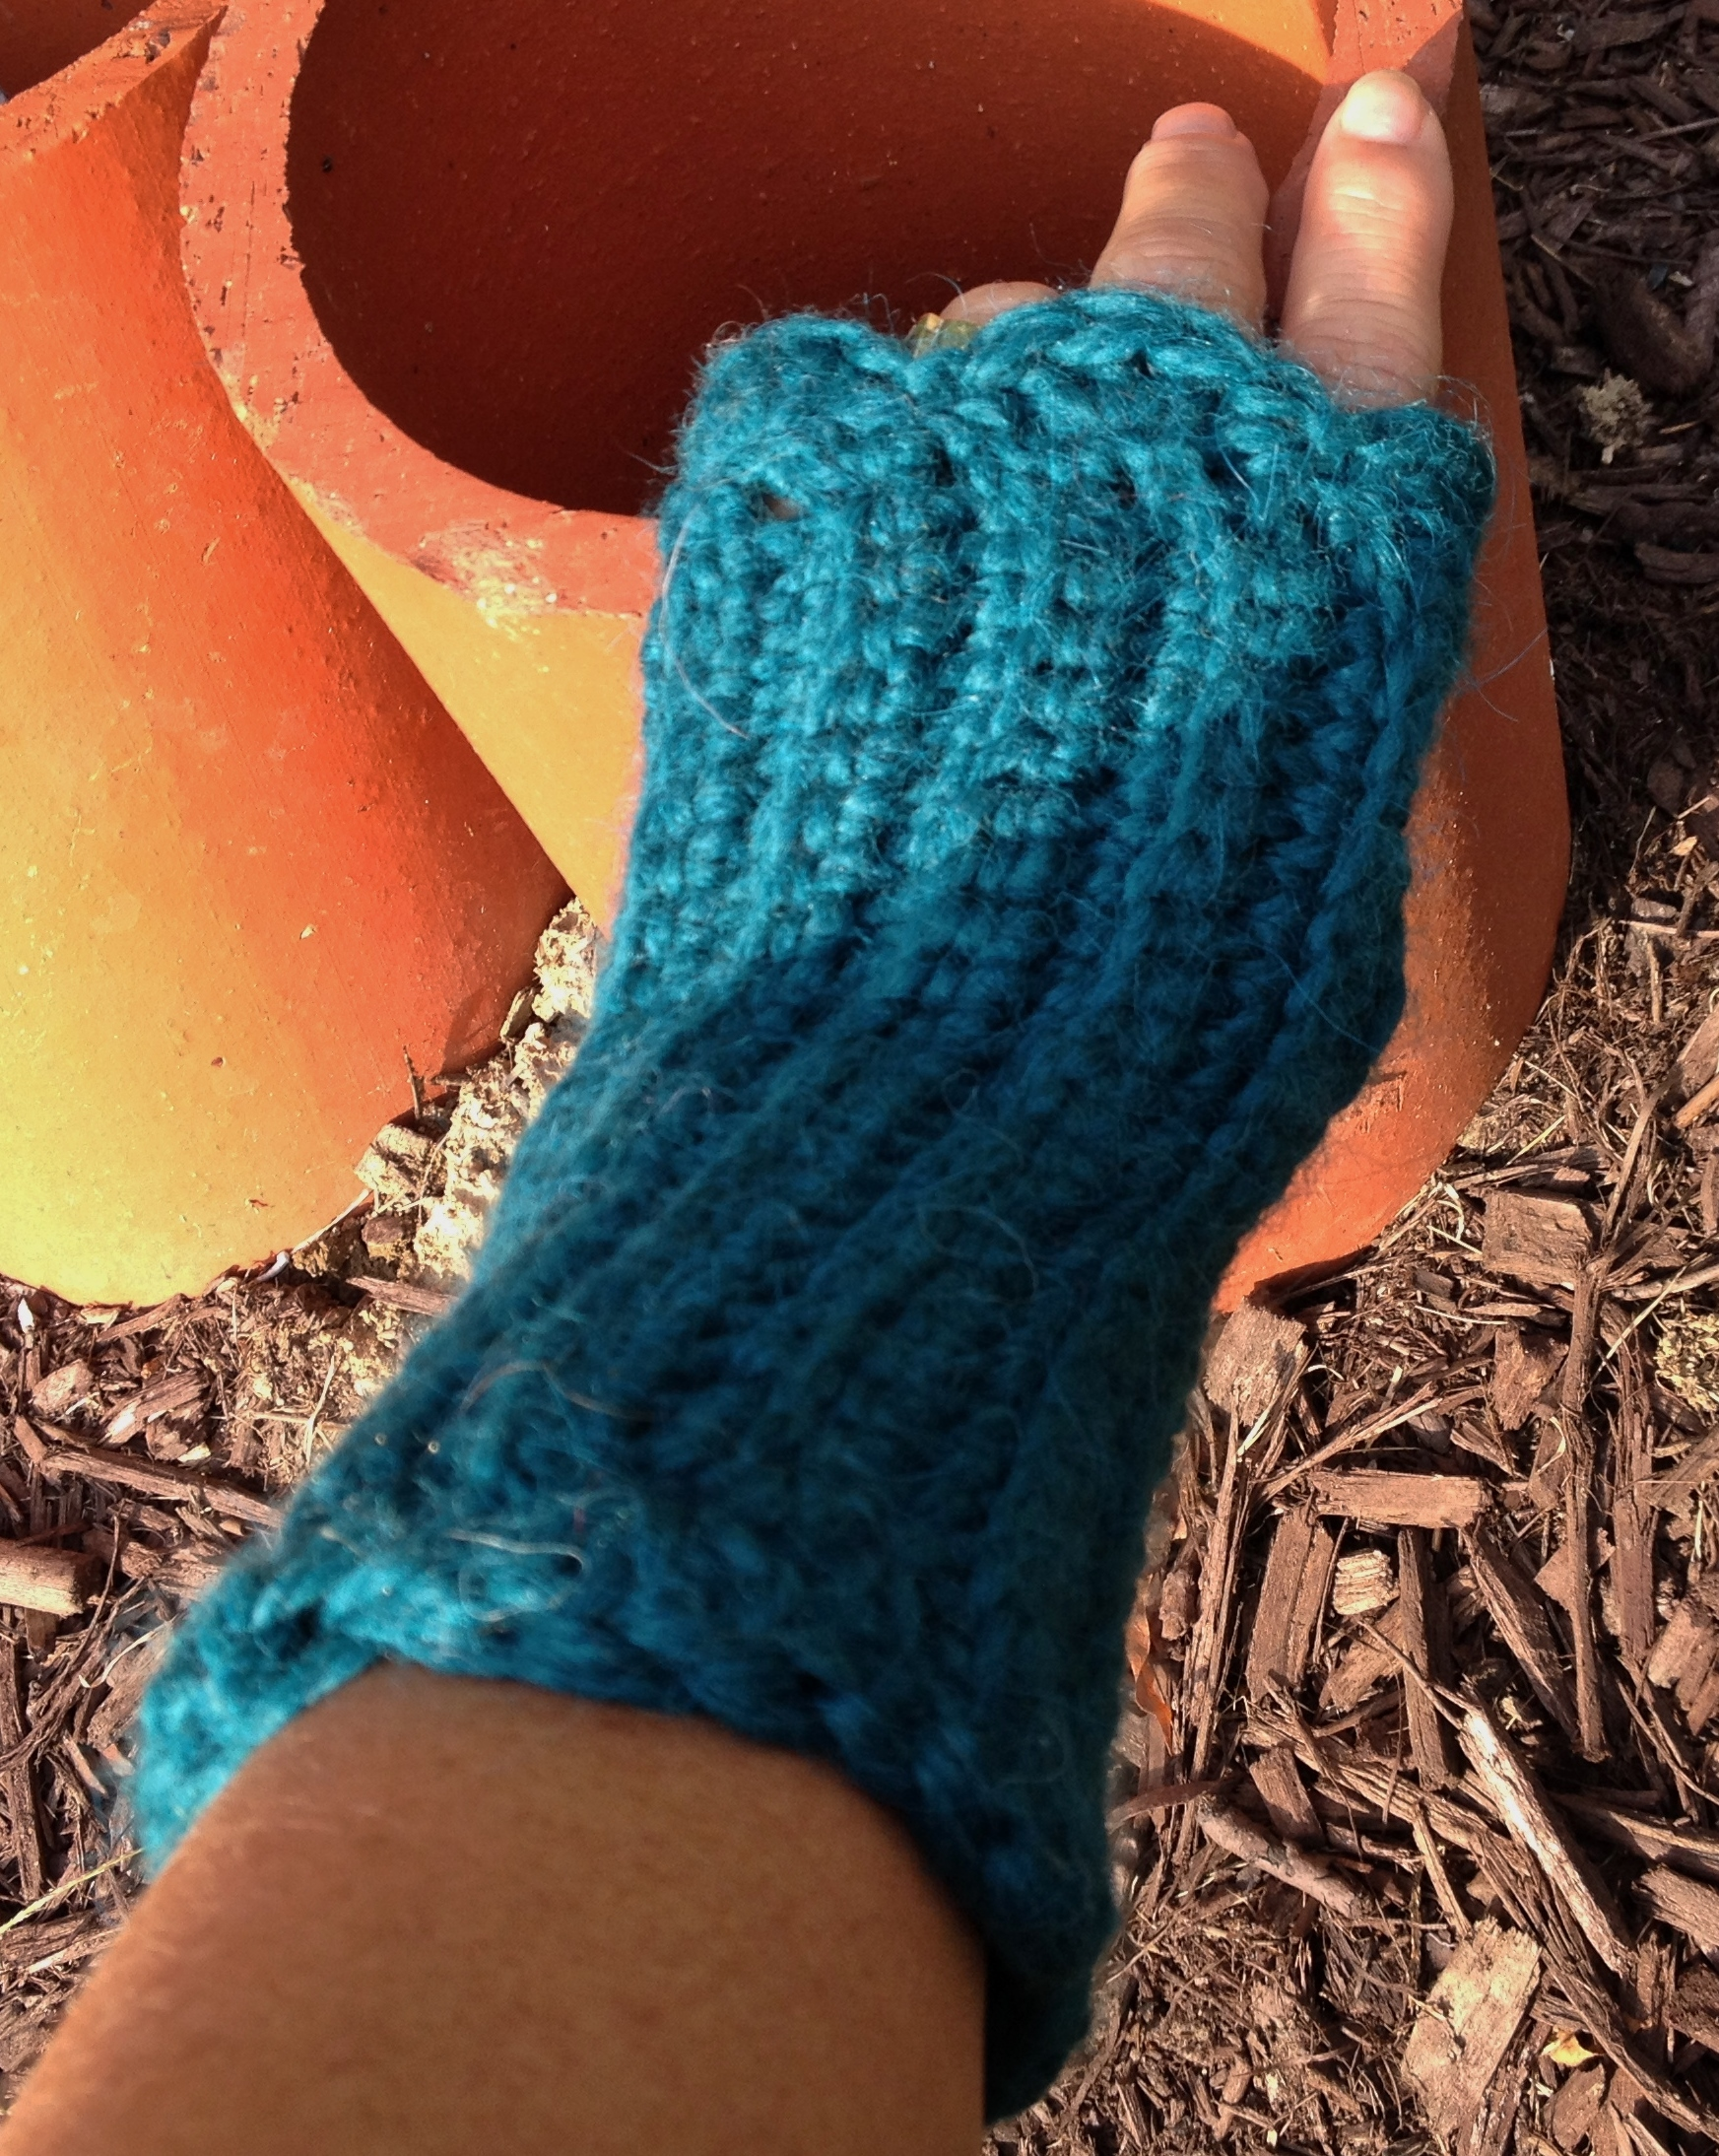 Ribbed Fingerless Gloves - Snuggle 17632